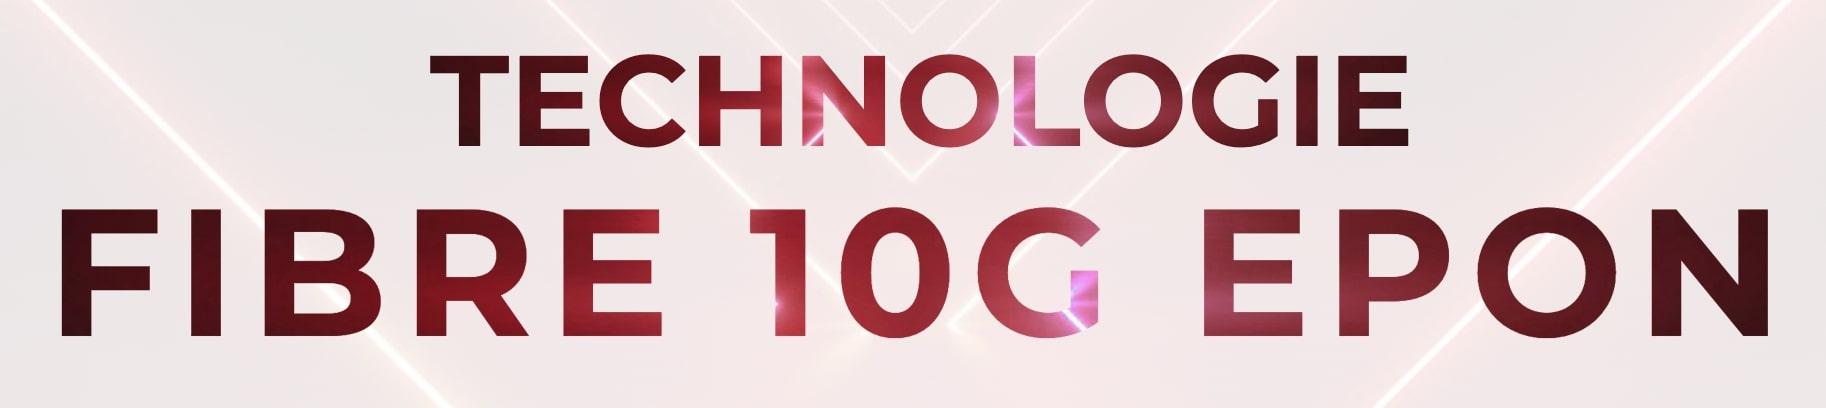 technologie fibre 10G EPON